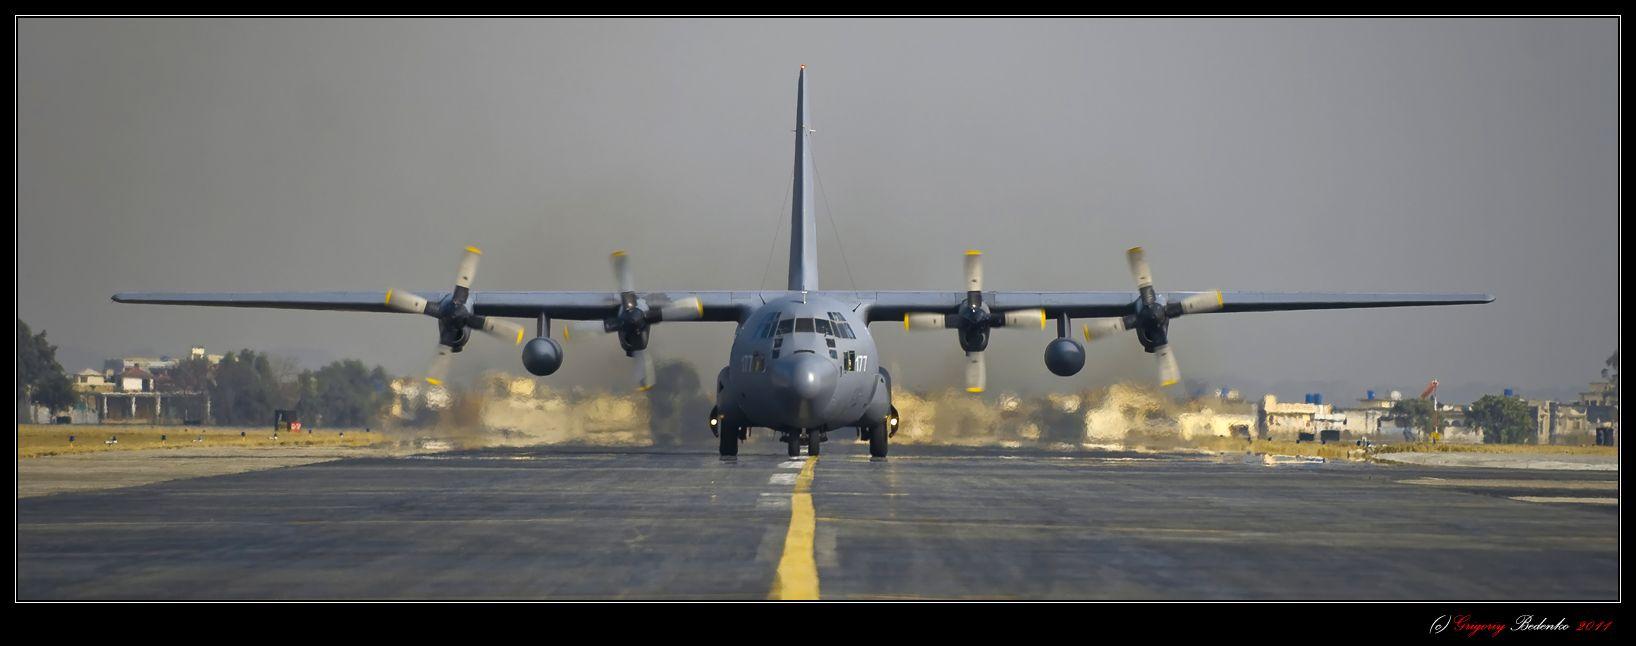 Первое впечатление от Пакистана – только что приземлившийся Lockheed C-130 Hercules пакистанских военно-воздушных сил. Гуманитарную помощь для пострадавших от наводнения жителей этой страны мы доставили на военно-воздушную базу Чаклала, близ Исламабада. Говорят, что именно отсюда в 1960-м году вылетел в свой исторический разведывательный полет на самолете U-2 Фрэнсис Гарри Пауэрс.